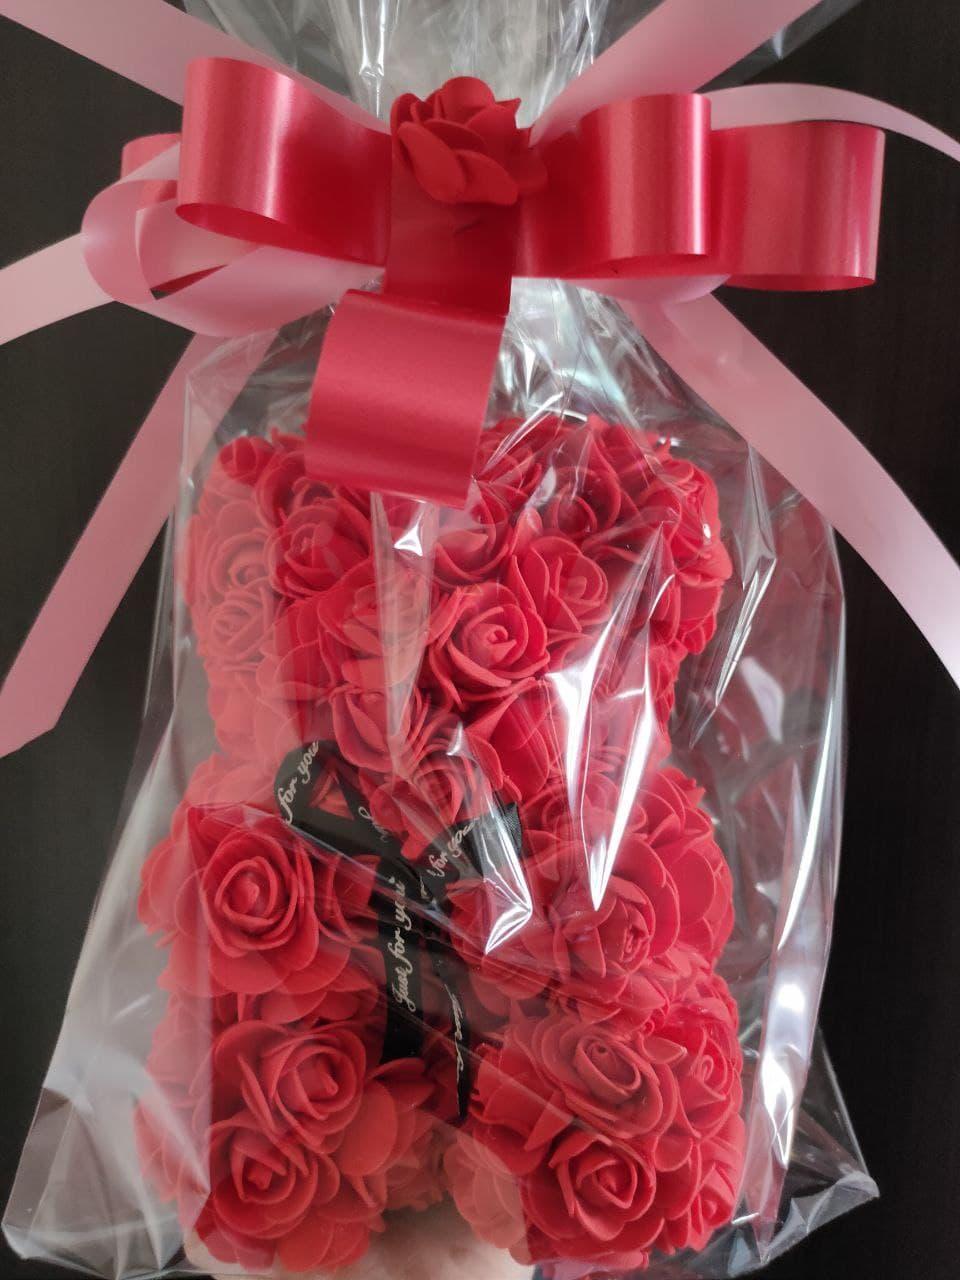 Мишка из 3D роз 25 см в подарочной упаковке мишка Тедди из роз КРАСНЫЙ